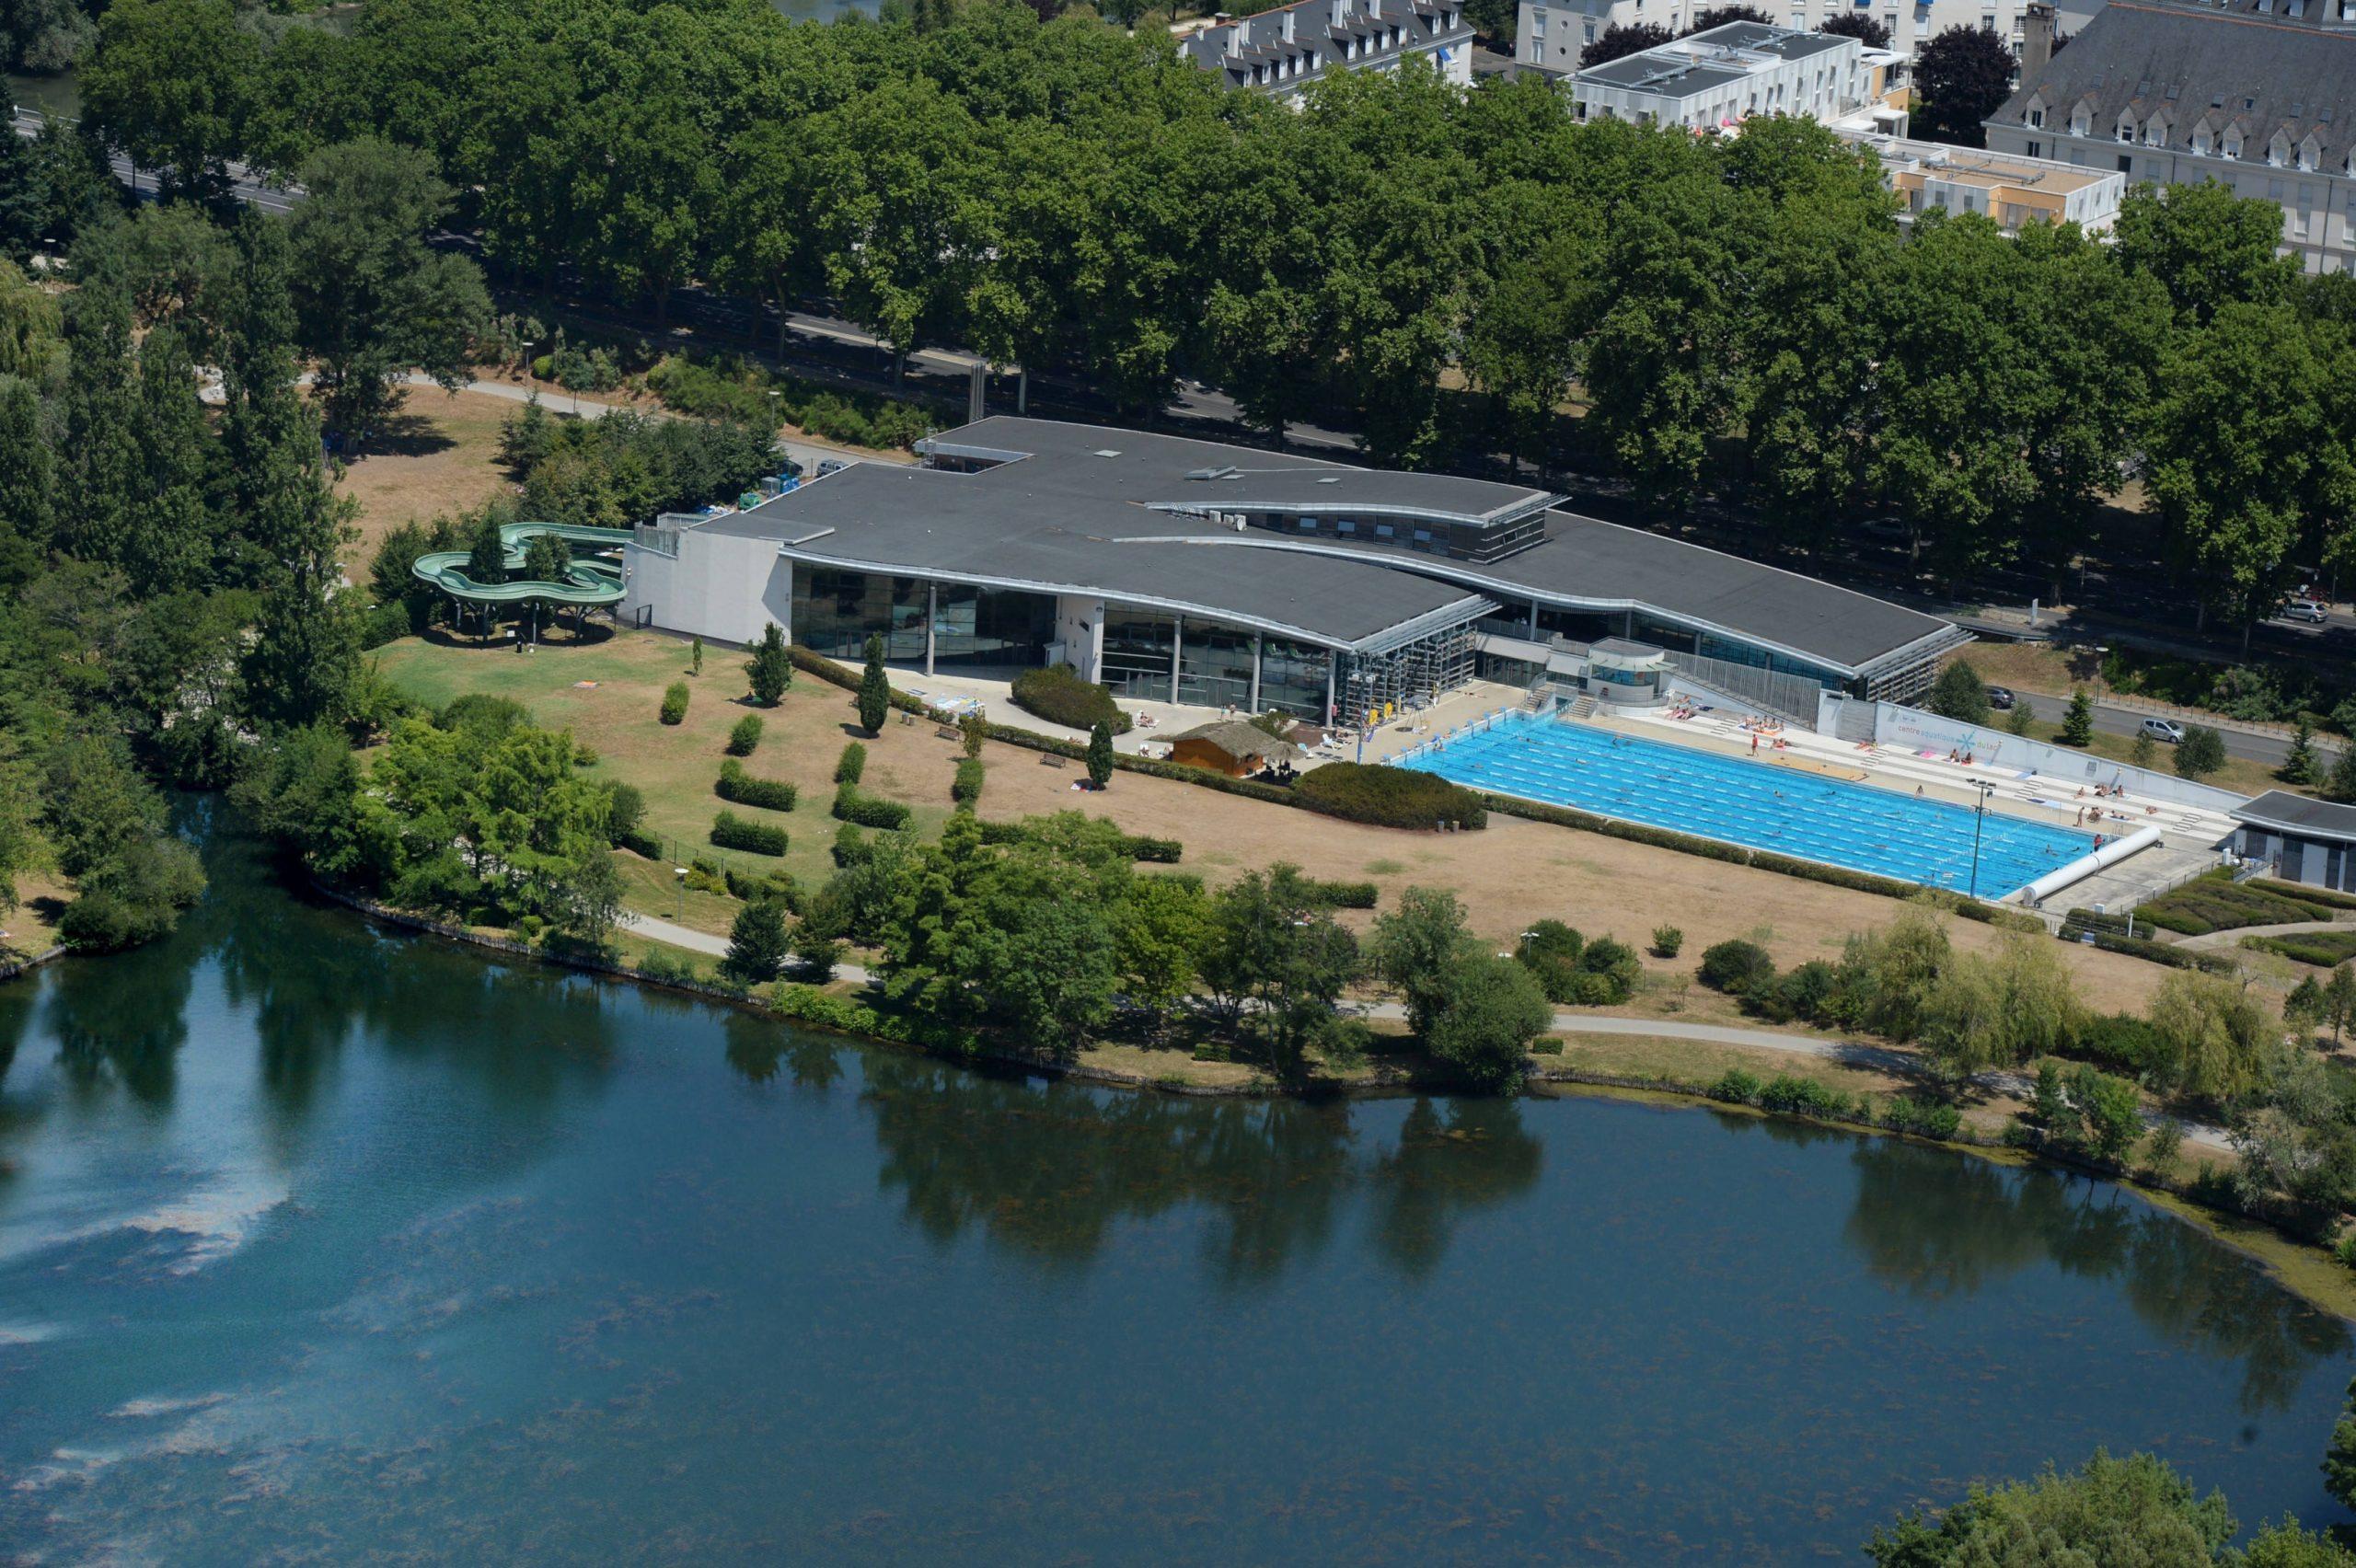 Tours : En Raison De La Canicule, La Piscine Du Lac Sera ... pour Piscine Du Lac Tours